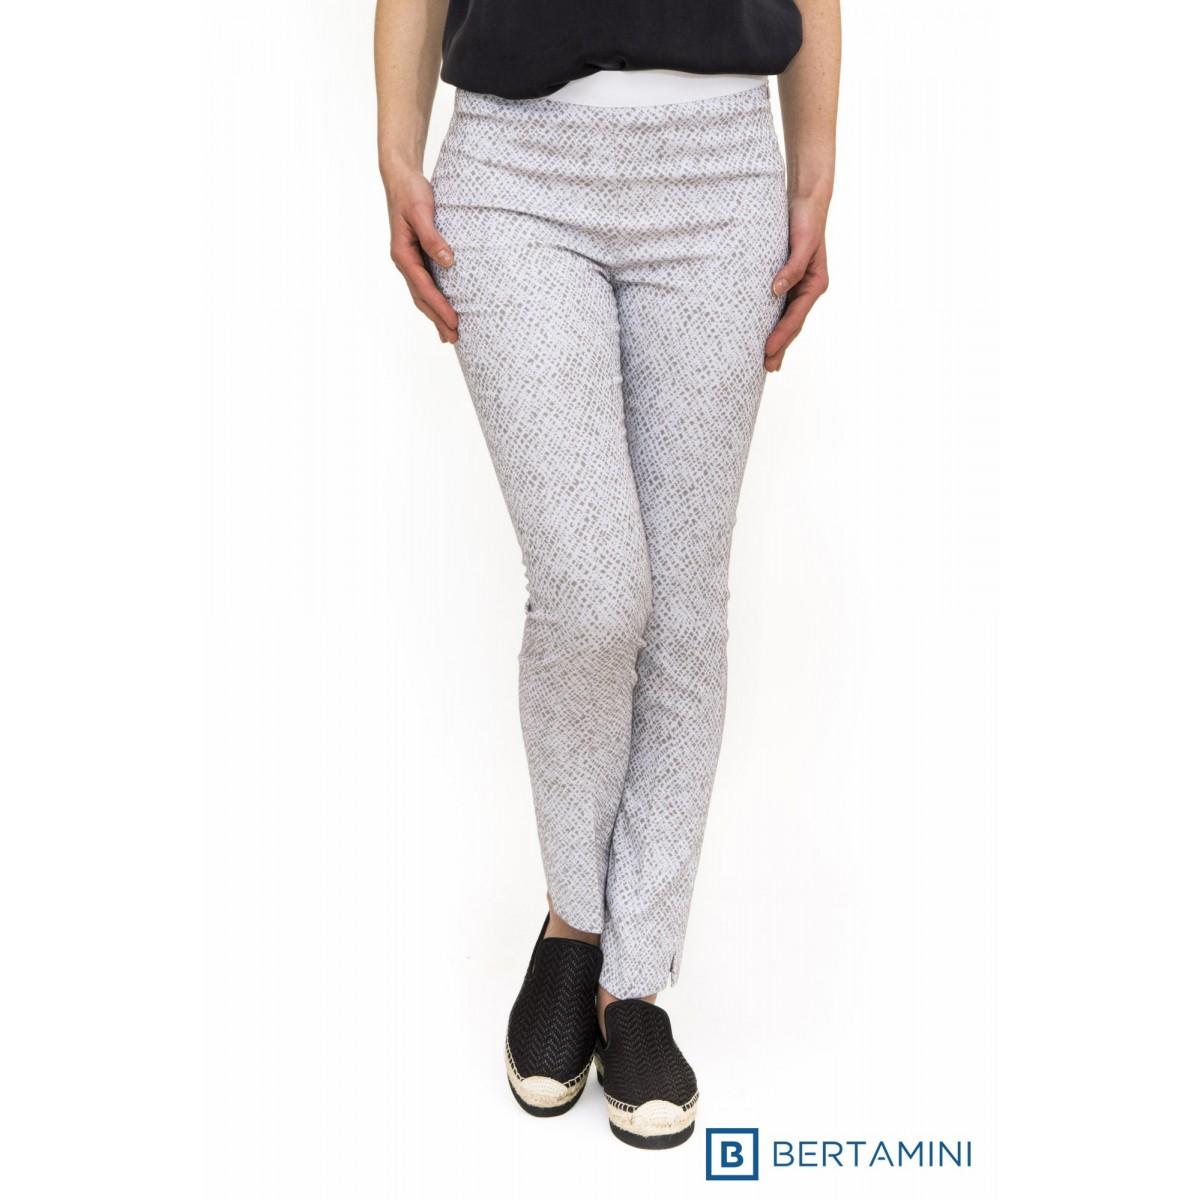 Pantalone donna Incotex - Arlet 172499 d9390 pantalone stampa